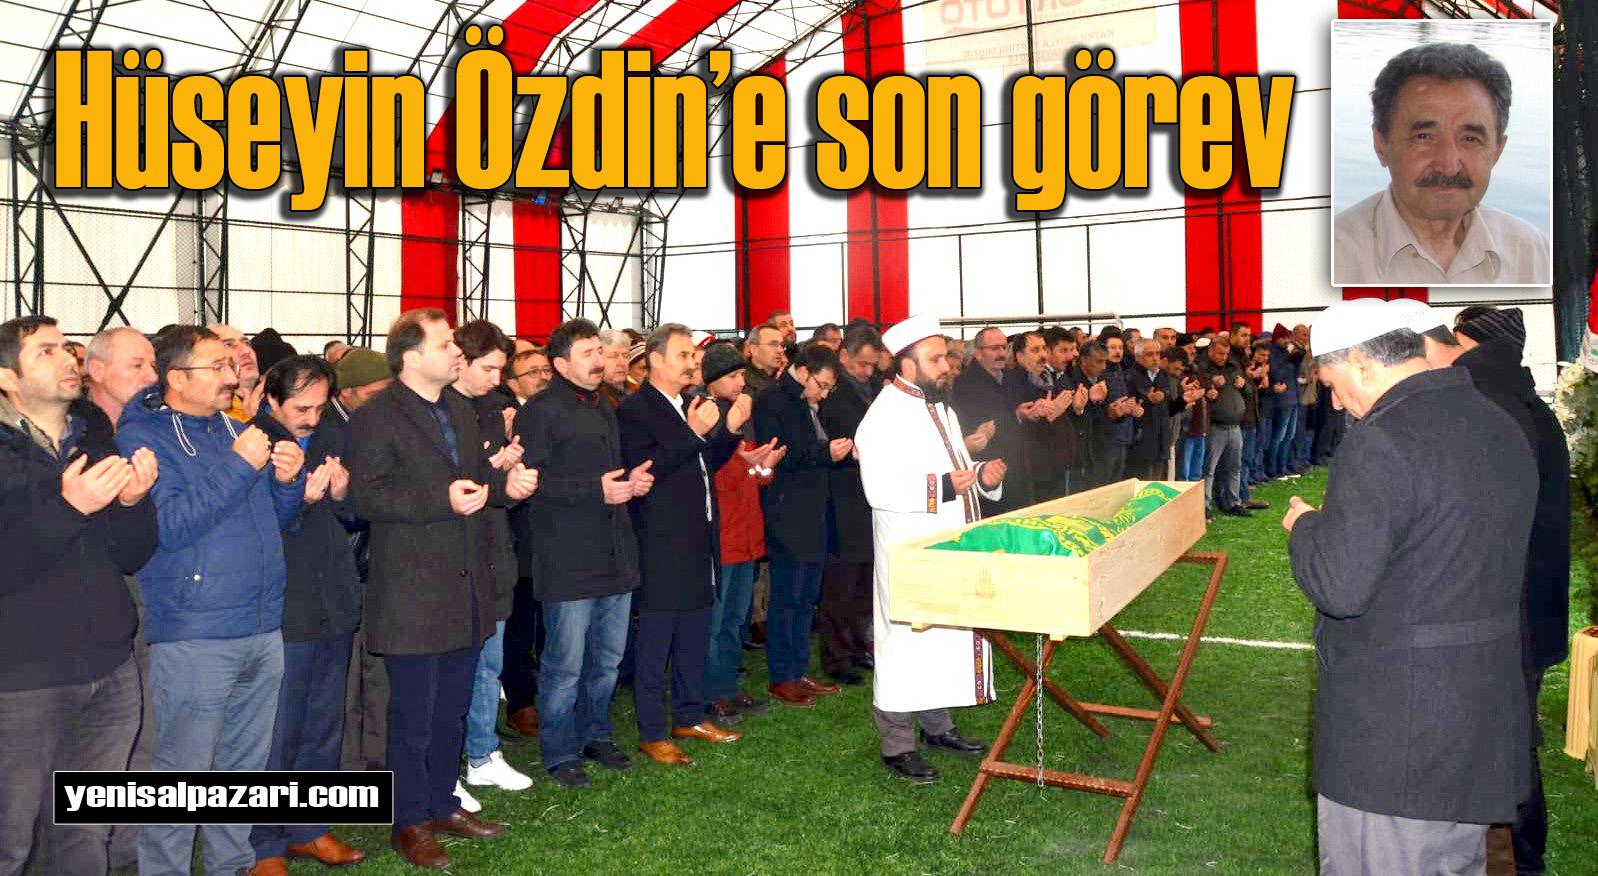 ANAP Eski İlçe Başkanı Hüseyin Özdin'in cenazesi Sayvançatak'ta toprağa verildi